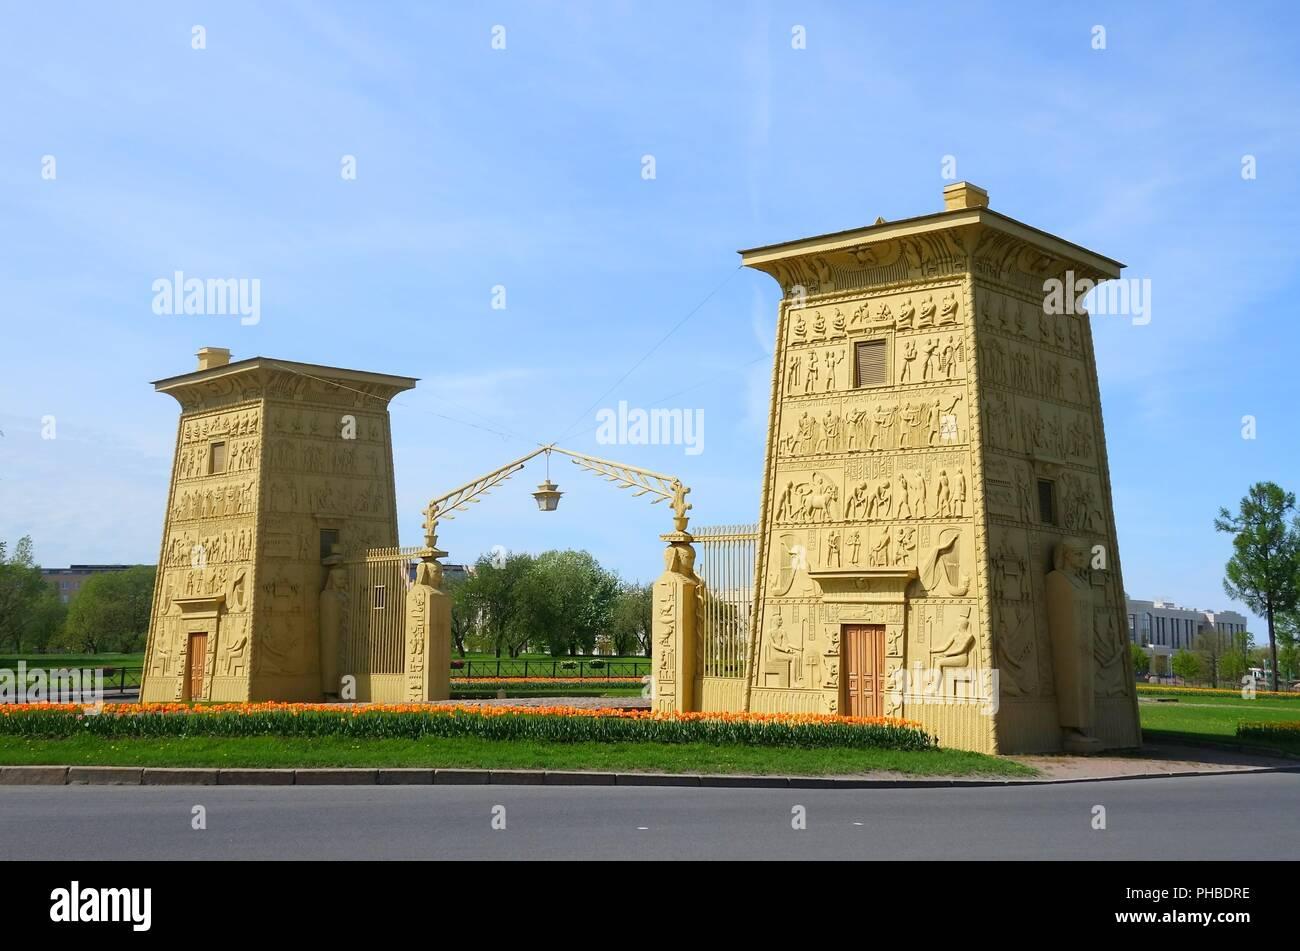 Egyptian gates at Tsarskoye Selo - Stock Image